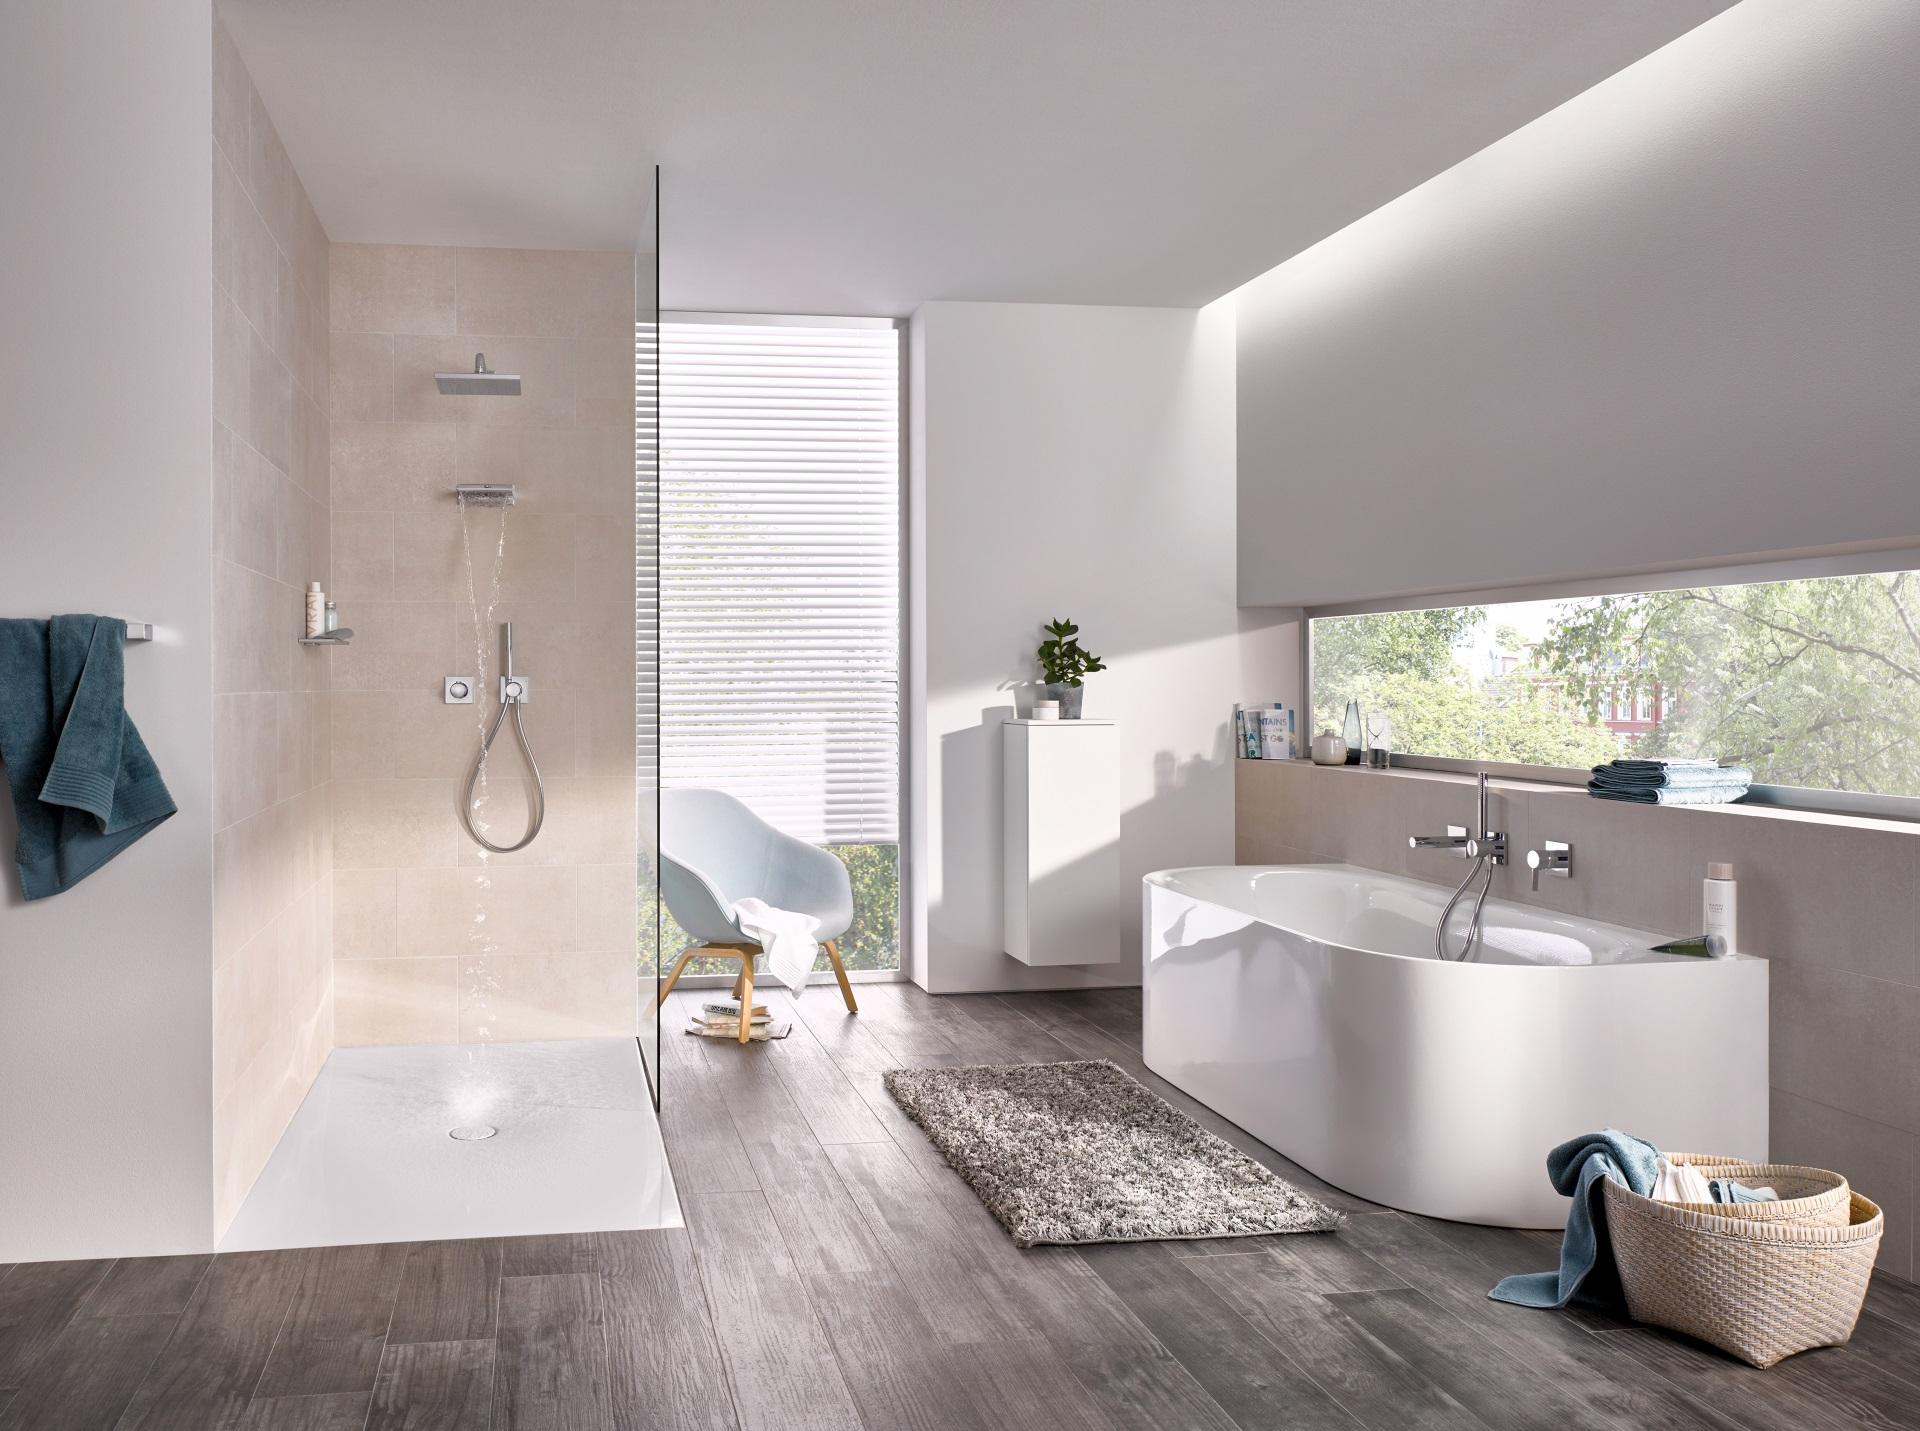 Abbildung klassisches Badezimmer von KEUCO mit ebenerdiger Dusche und Badewanne